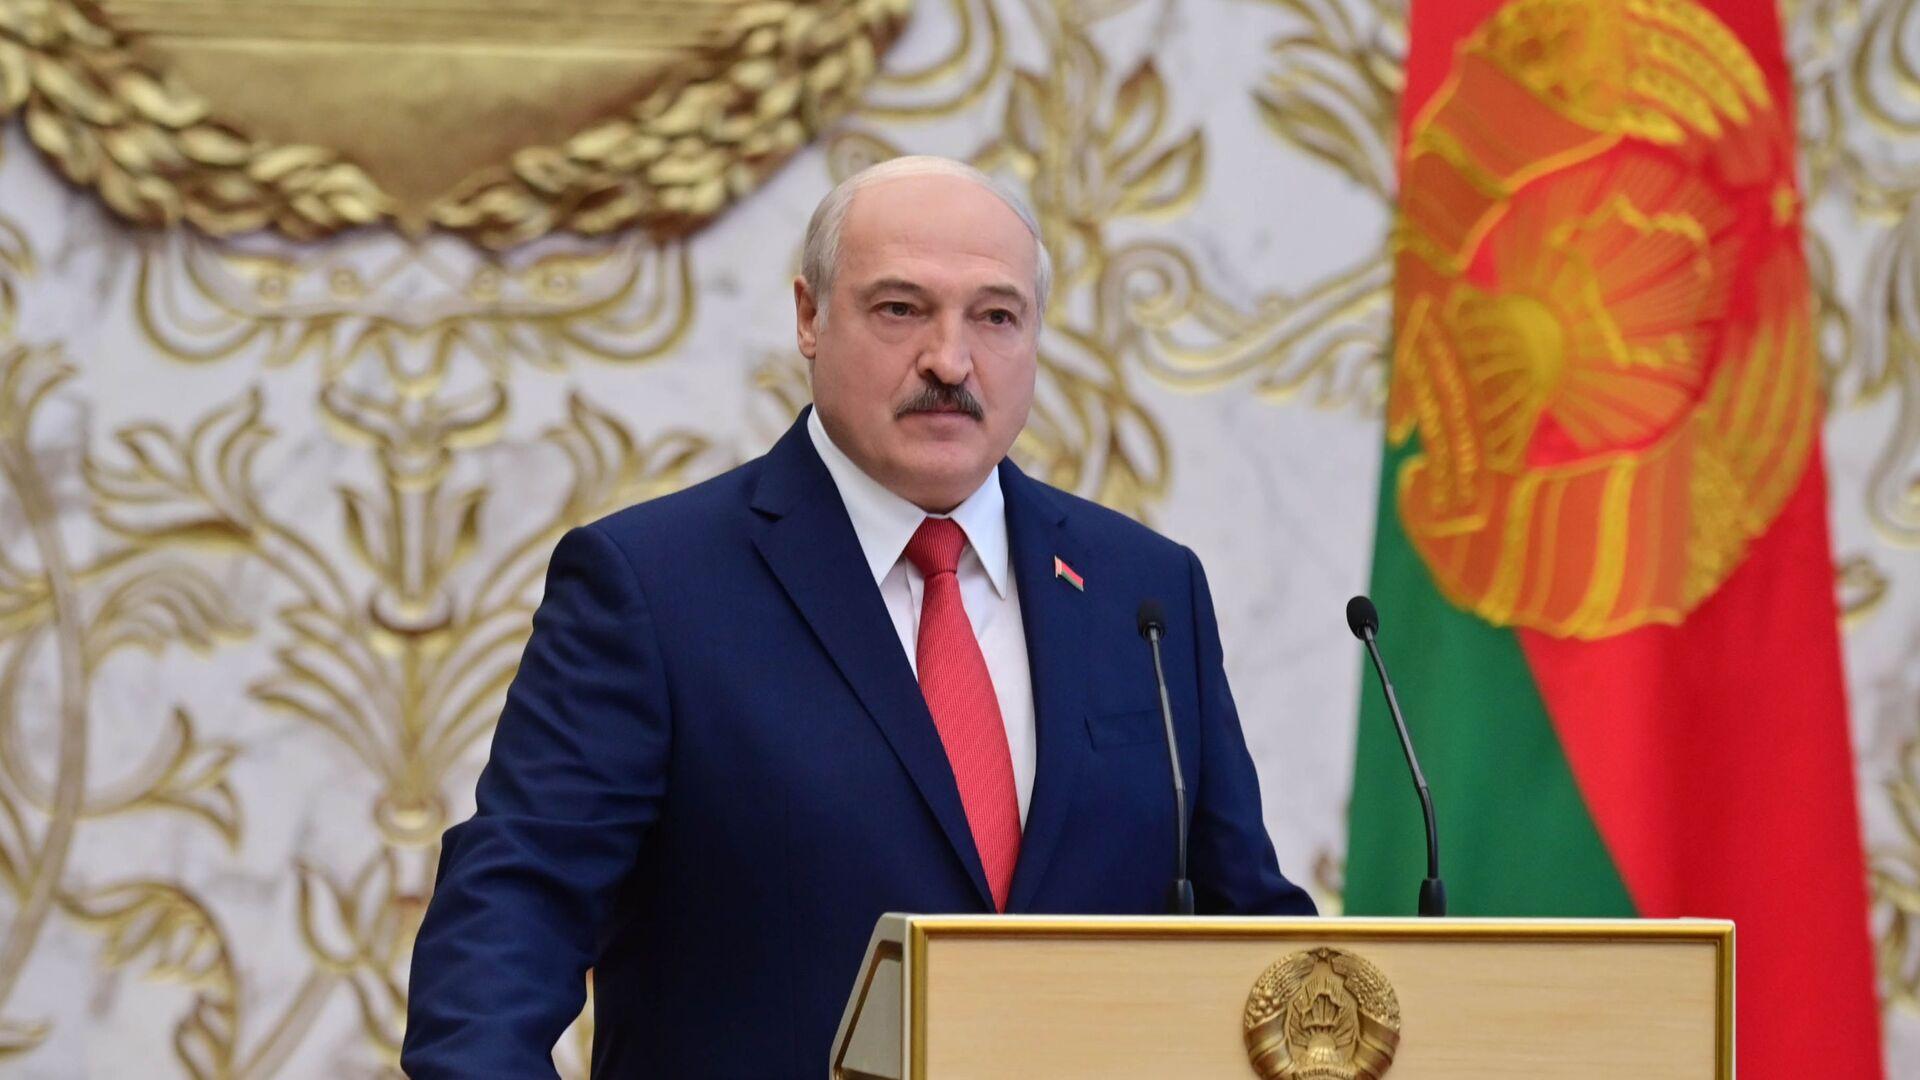 La investidura de Alexandr Lukashenko en Bielorrusia - Sputnik Mundo, 1920, 30.03.2021